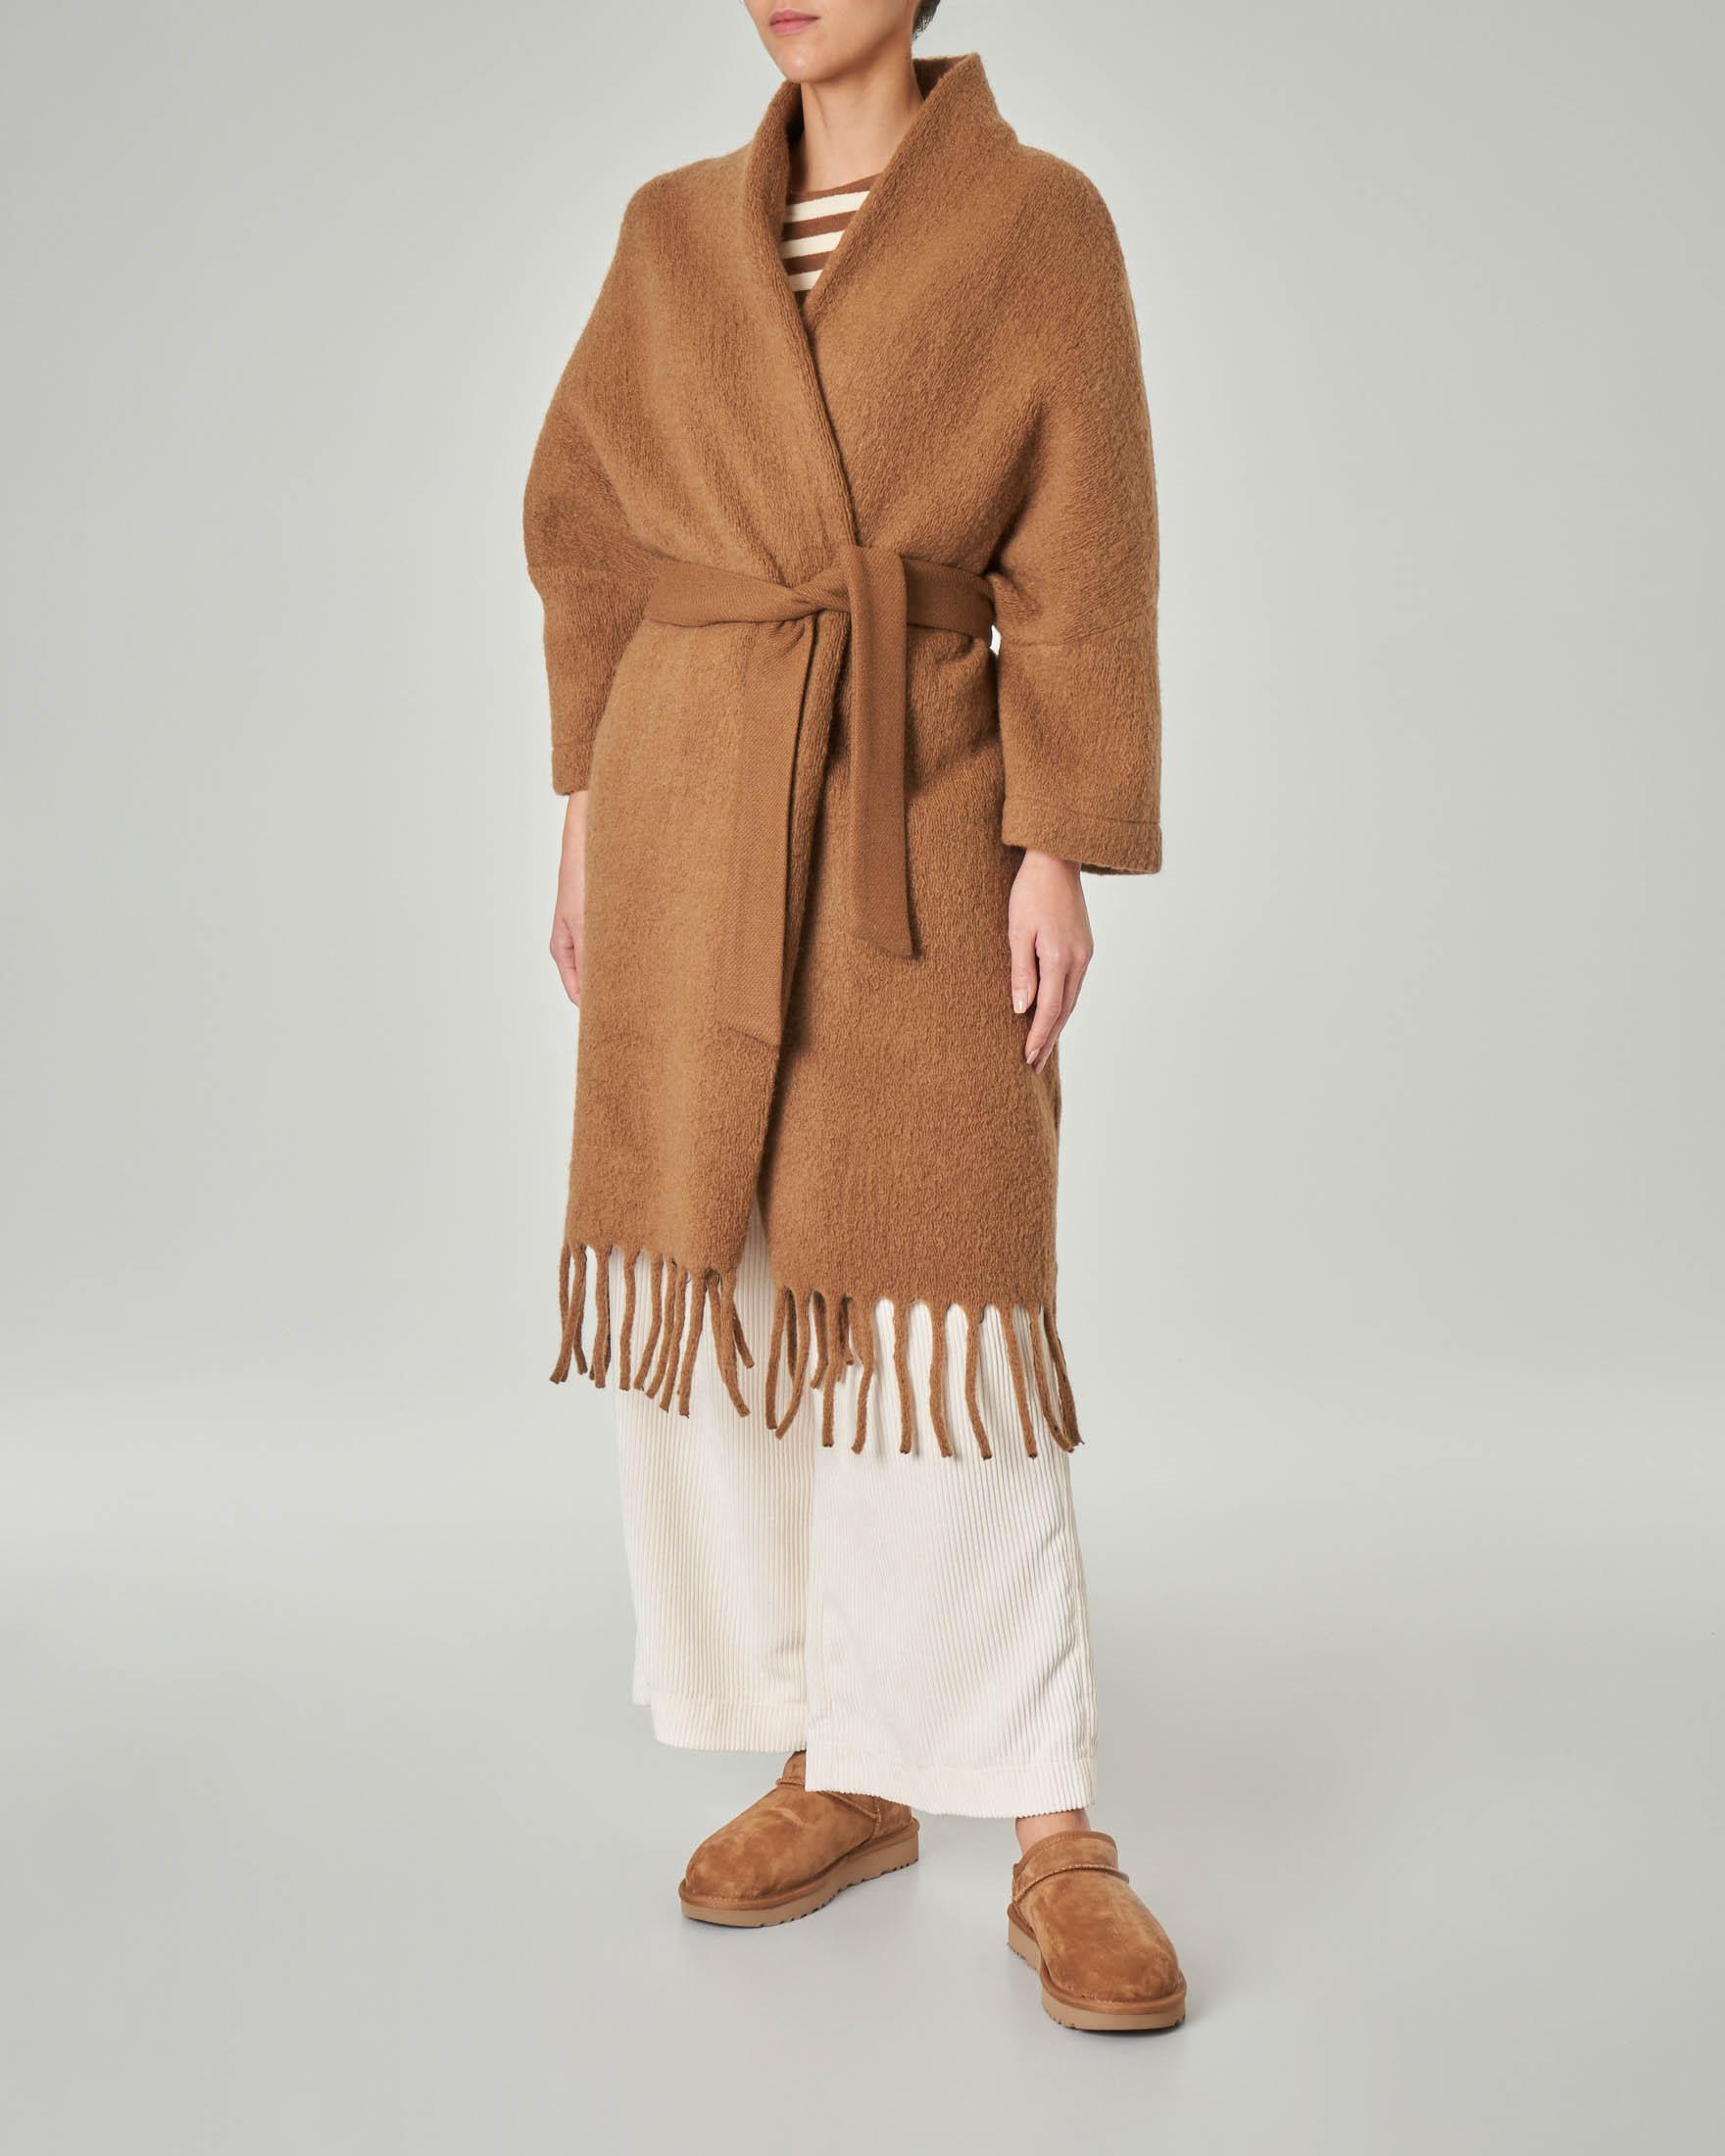 Cappotto in lana con maniche a kimono e frange sul fondo color cammello